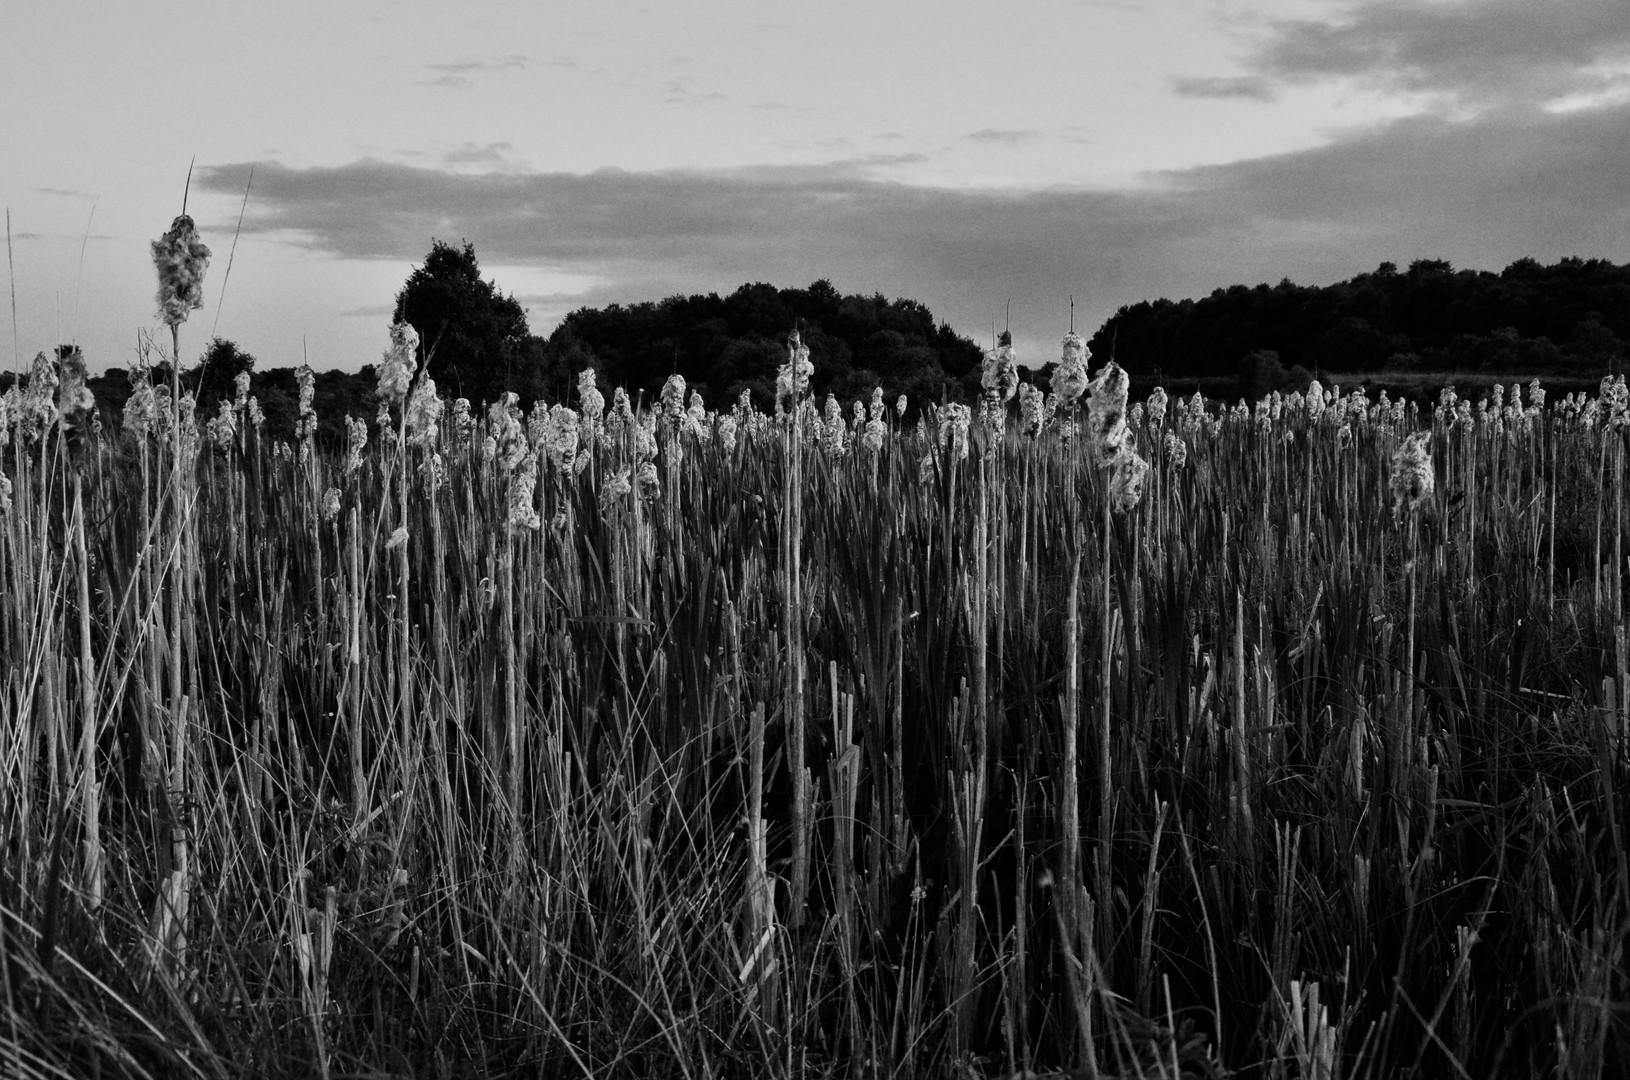 Bog reeds